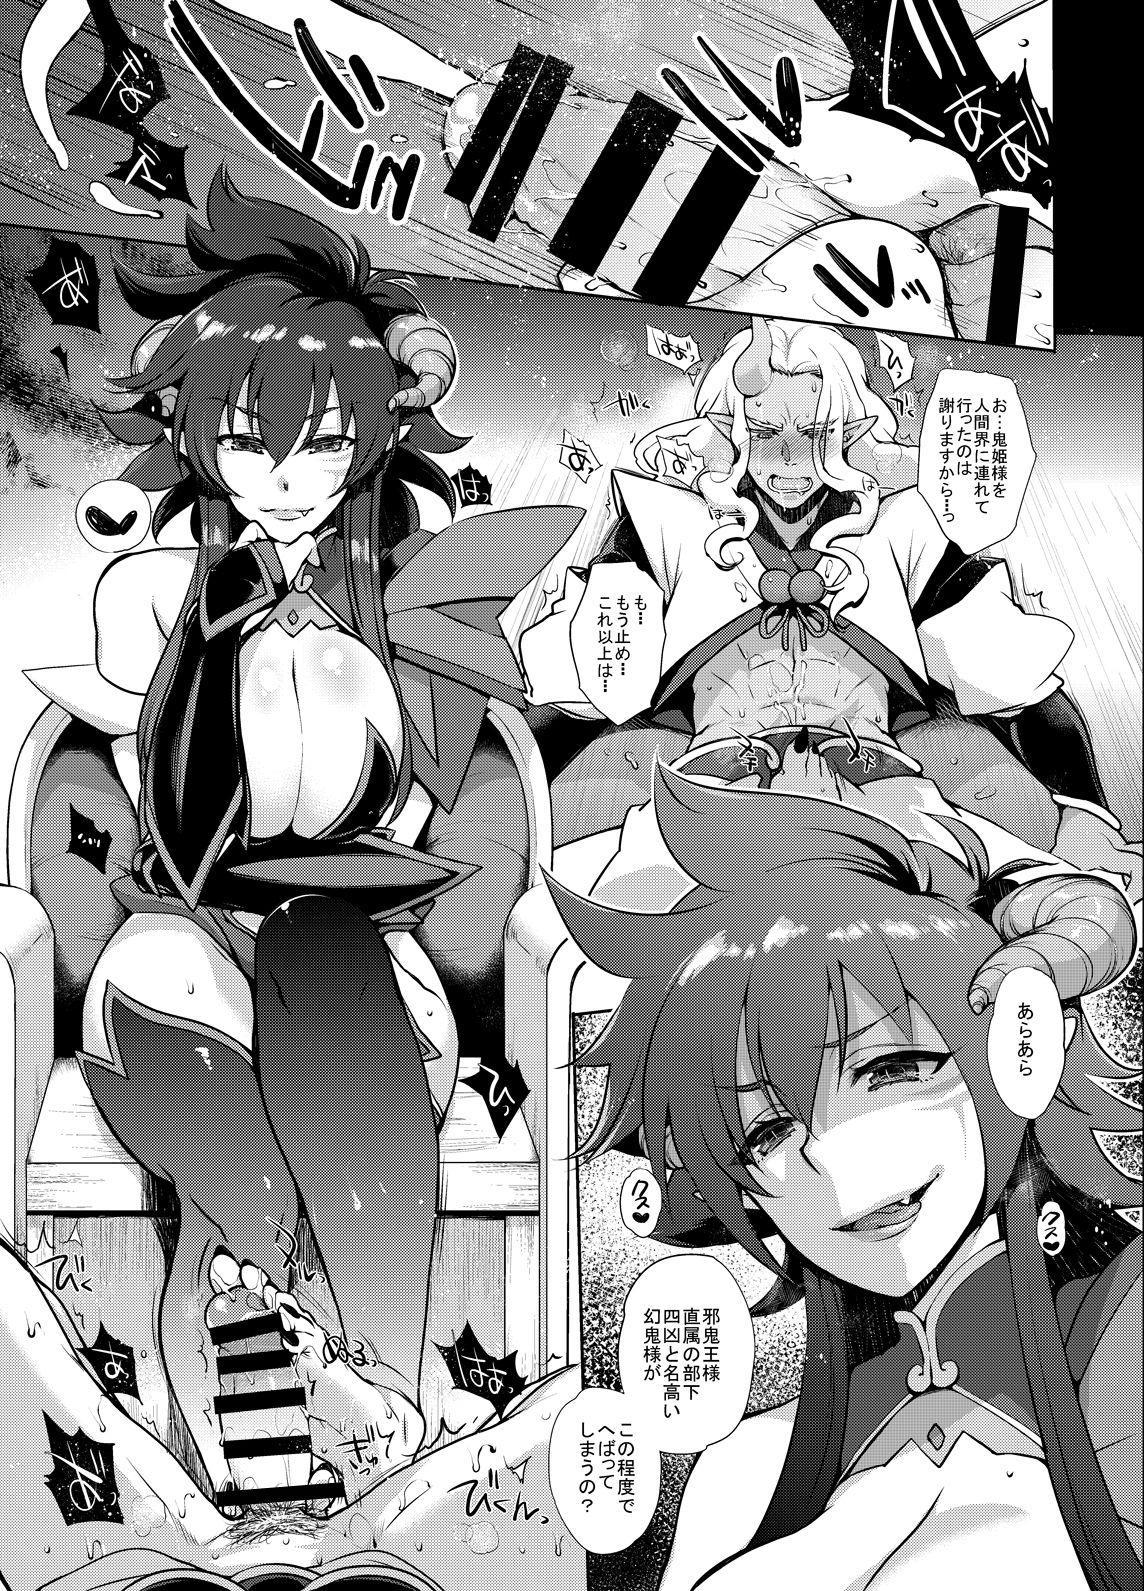 PachiSuro-kei Doujinshi Matome Pack 98